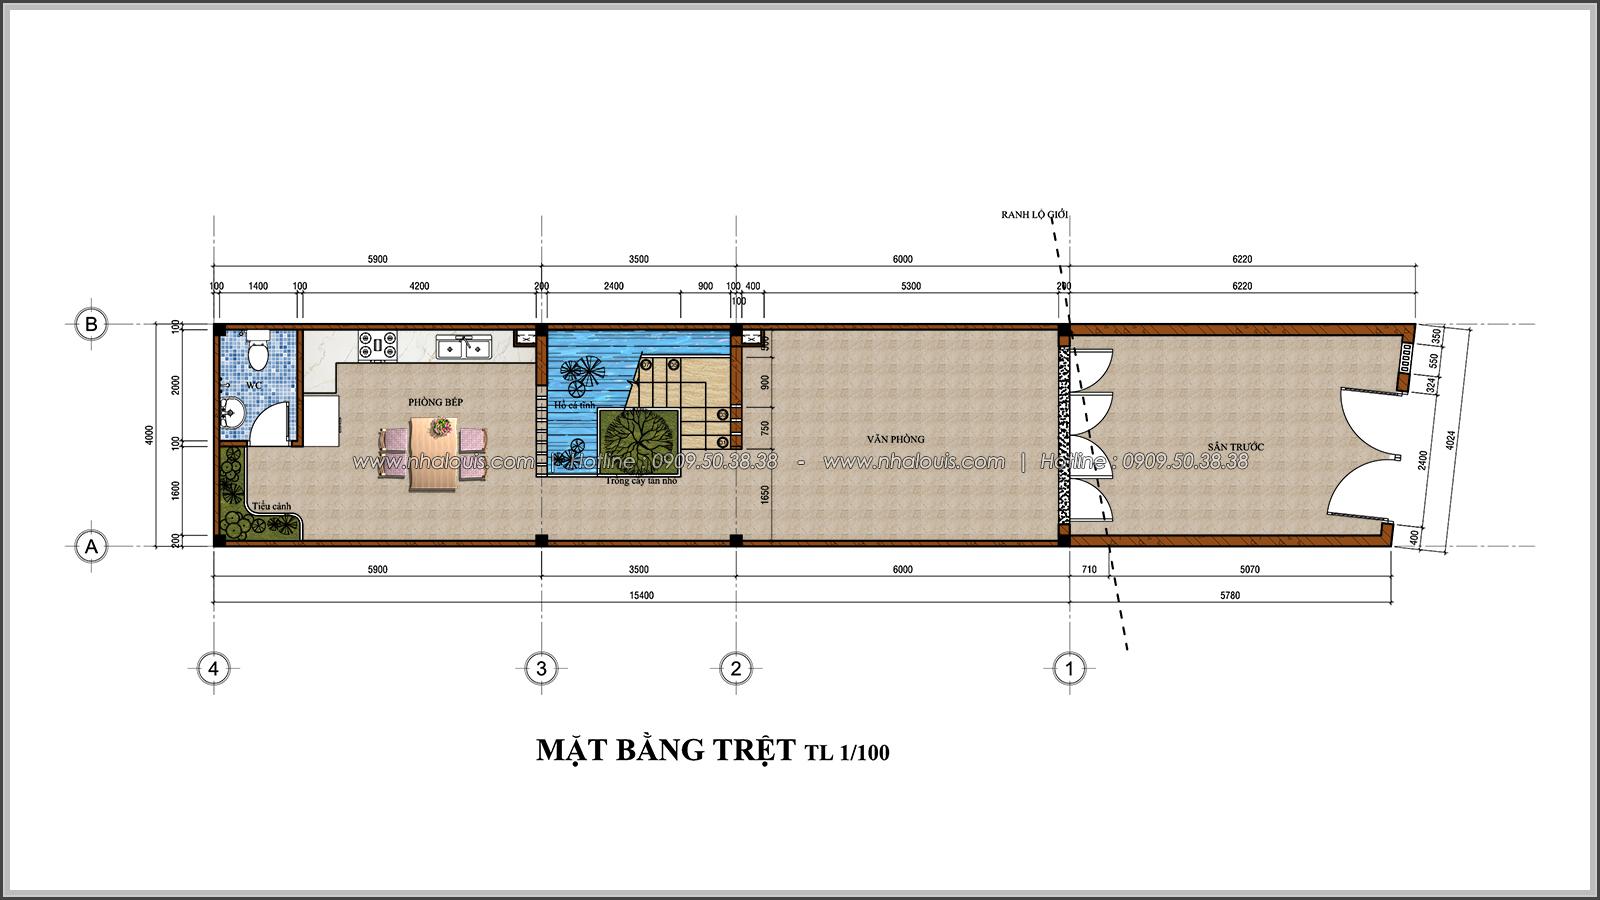 Thiết kế nhà đẹp 3 tầng chuẩn sang trọng tại Thủ Đức - 03